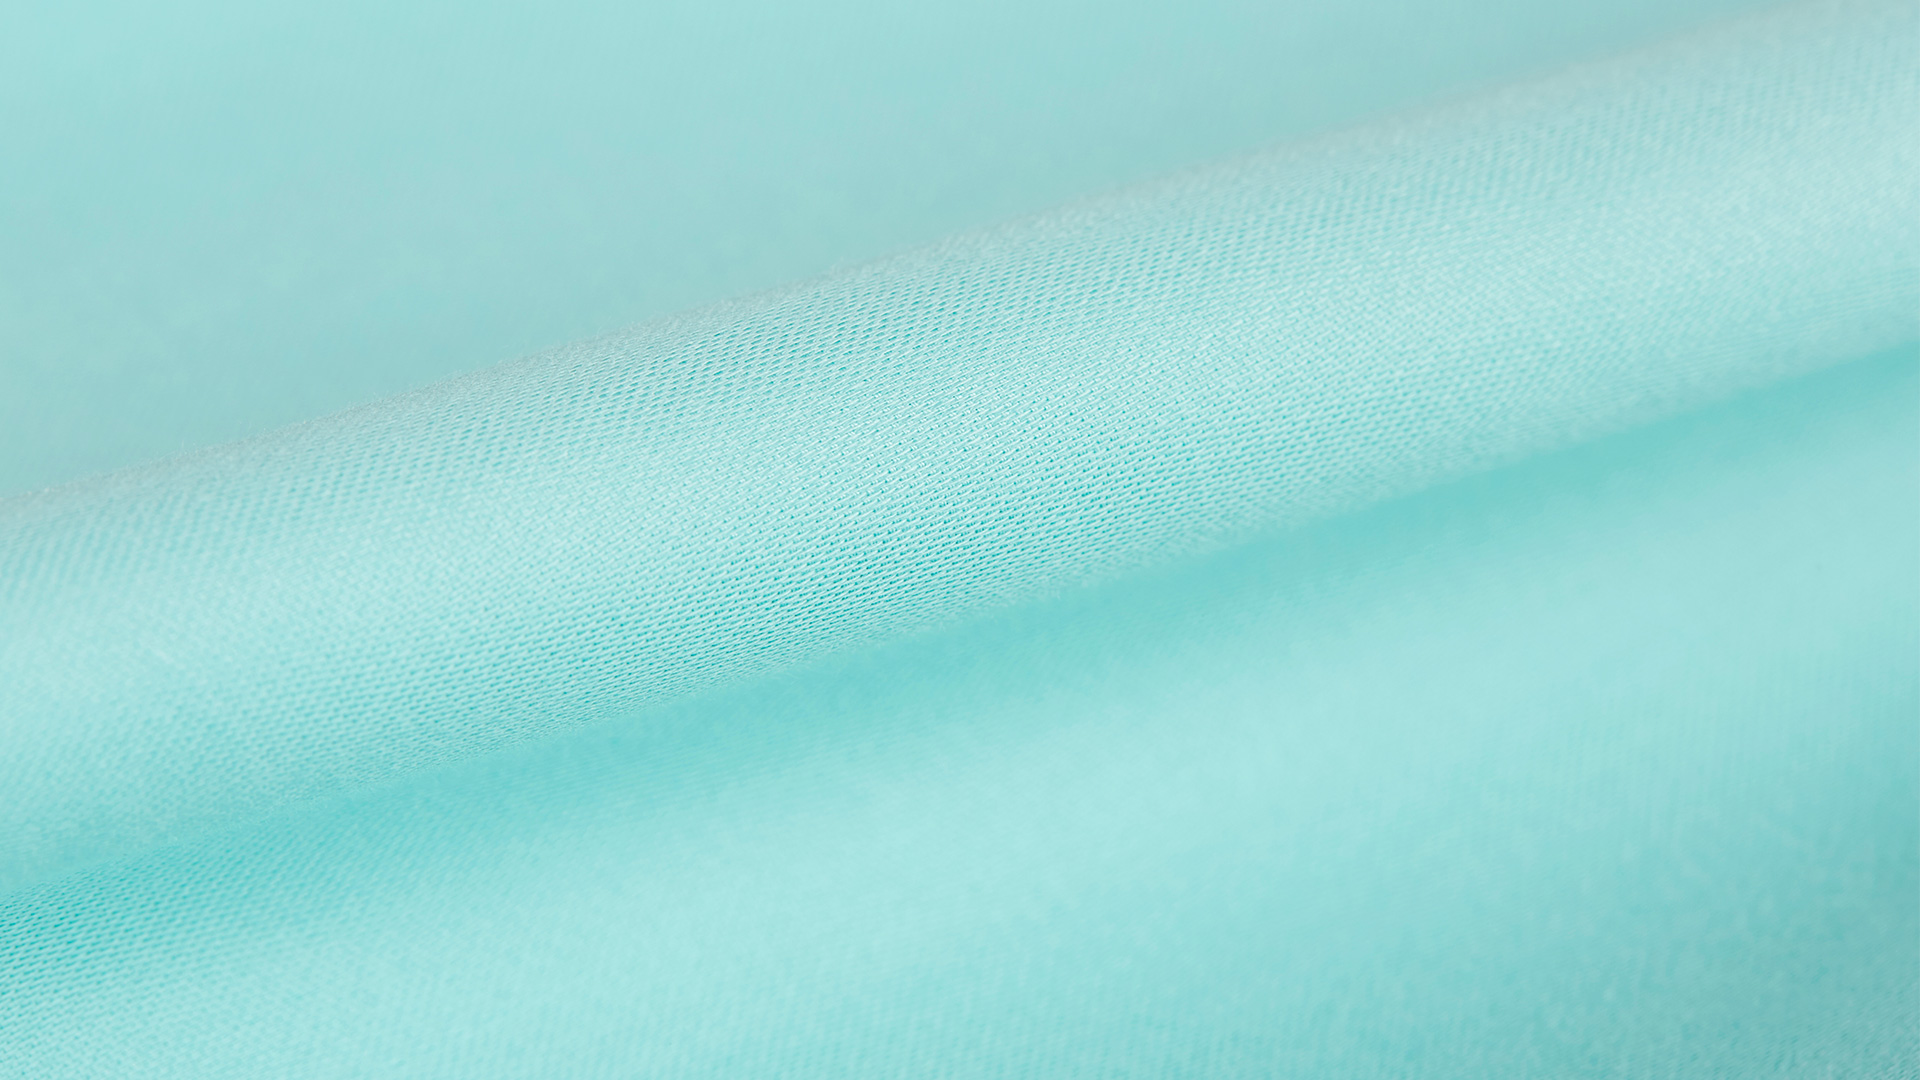 纱线如何纺织,或许你从未在意这一点,或许是因为我们接触了太久那些并不舒适的普通面料,在床品的选择上,苛求一次吧,缎纹纺织的面料相比较平纹和斜纹,更加光滑有质感。